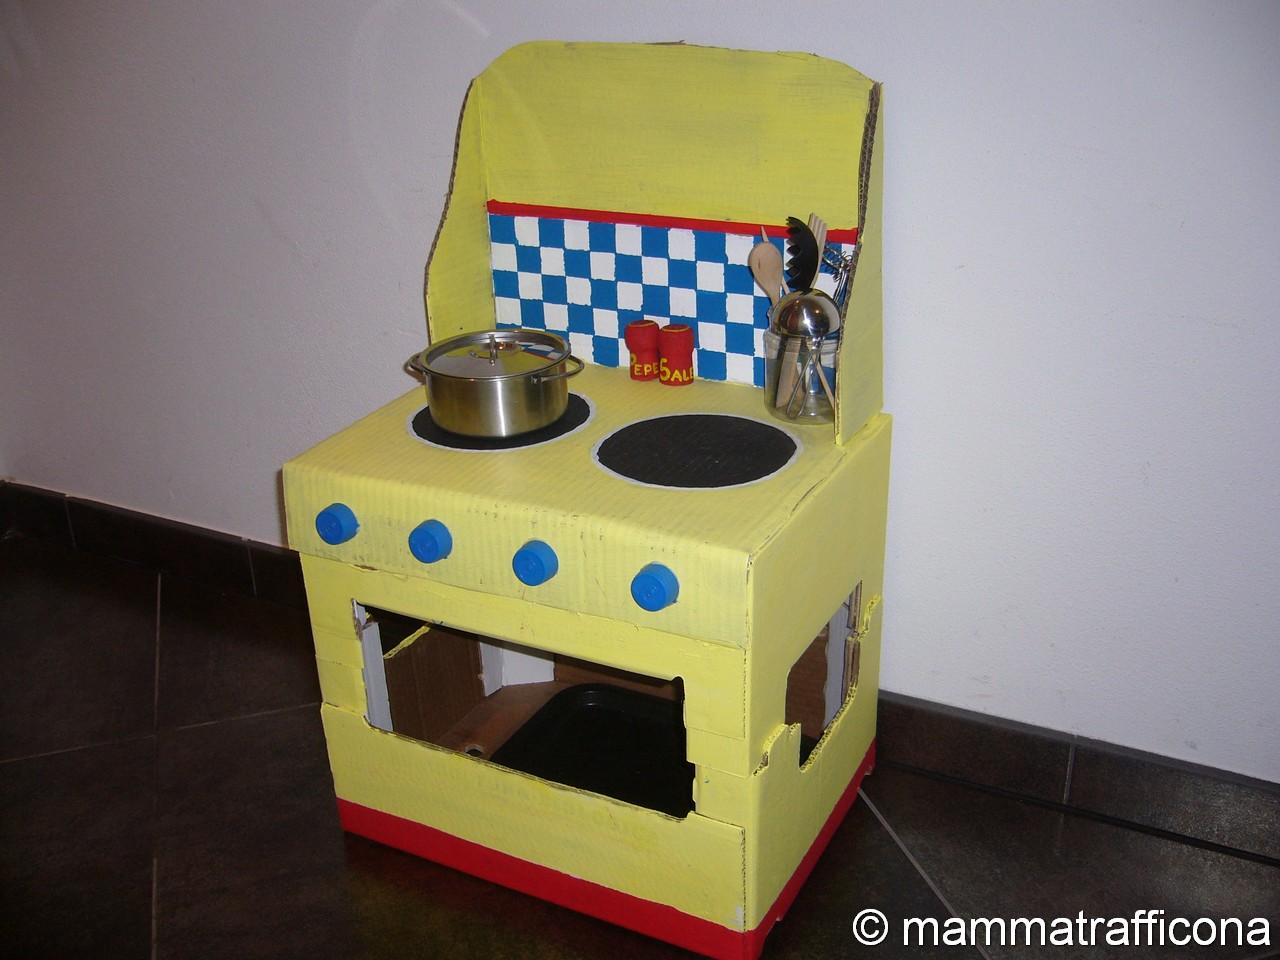 Mammatrafficona giochi fai da te la cucina di cartone - Il gioco della cucina ...